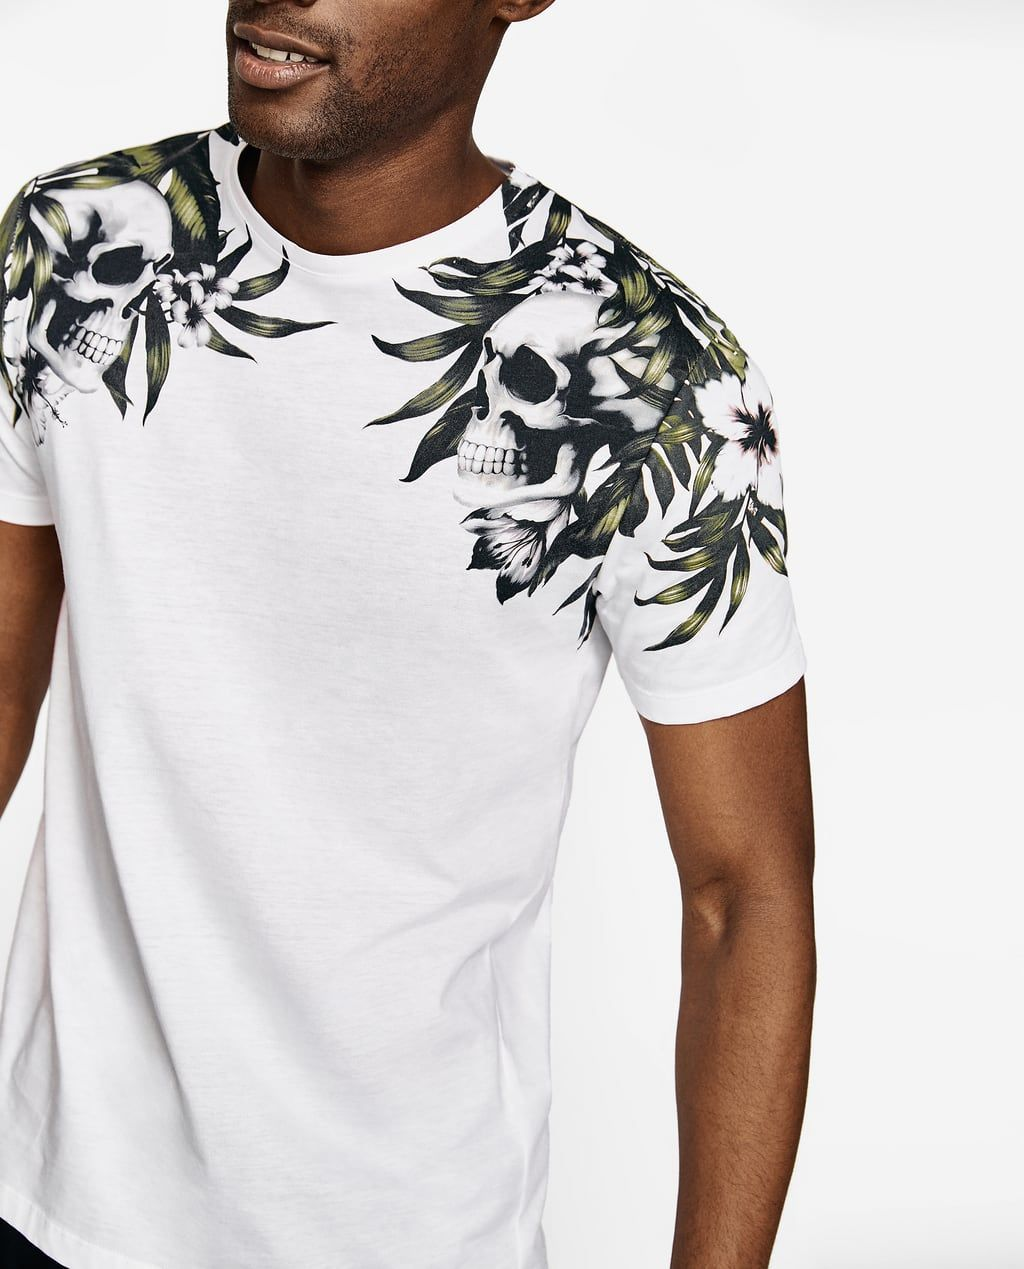 marca popular vendido en todo el mundo 100% autentico camisa